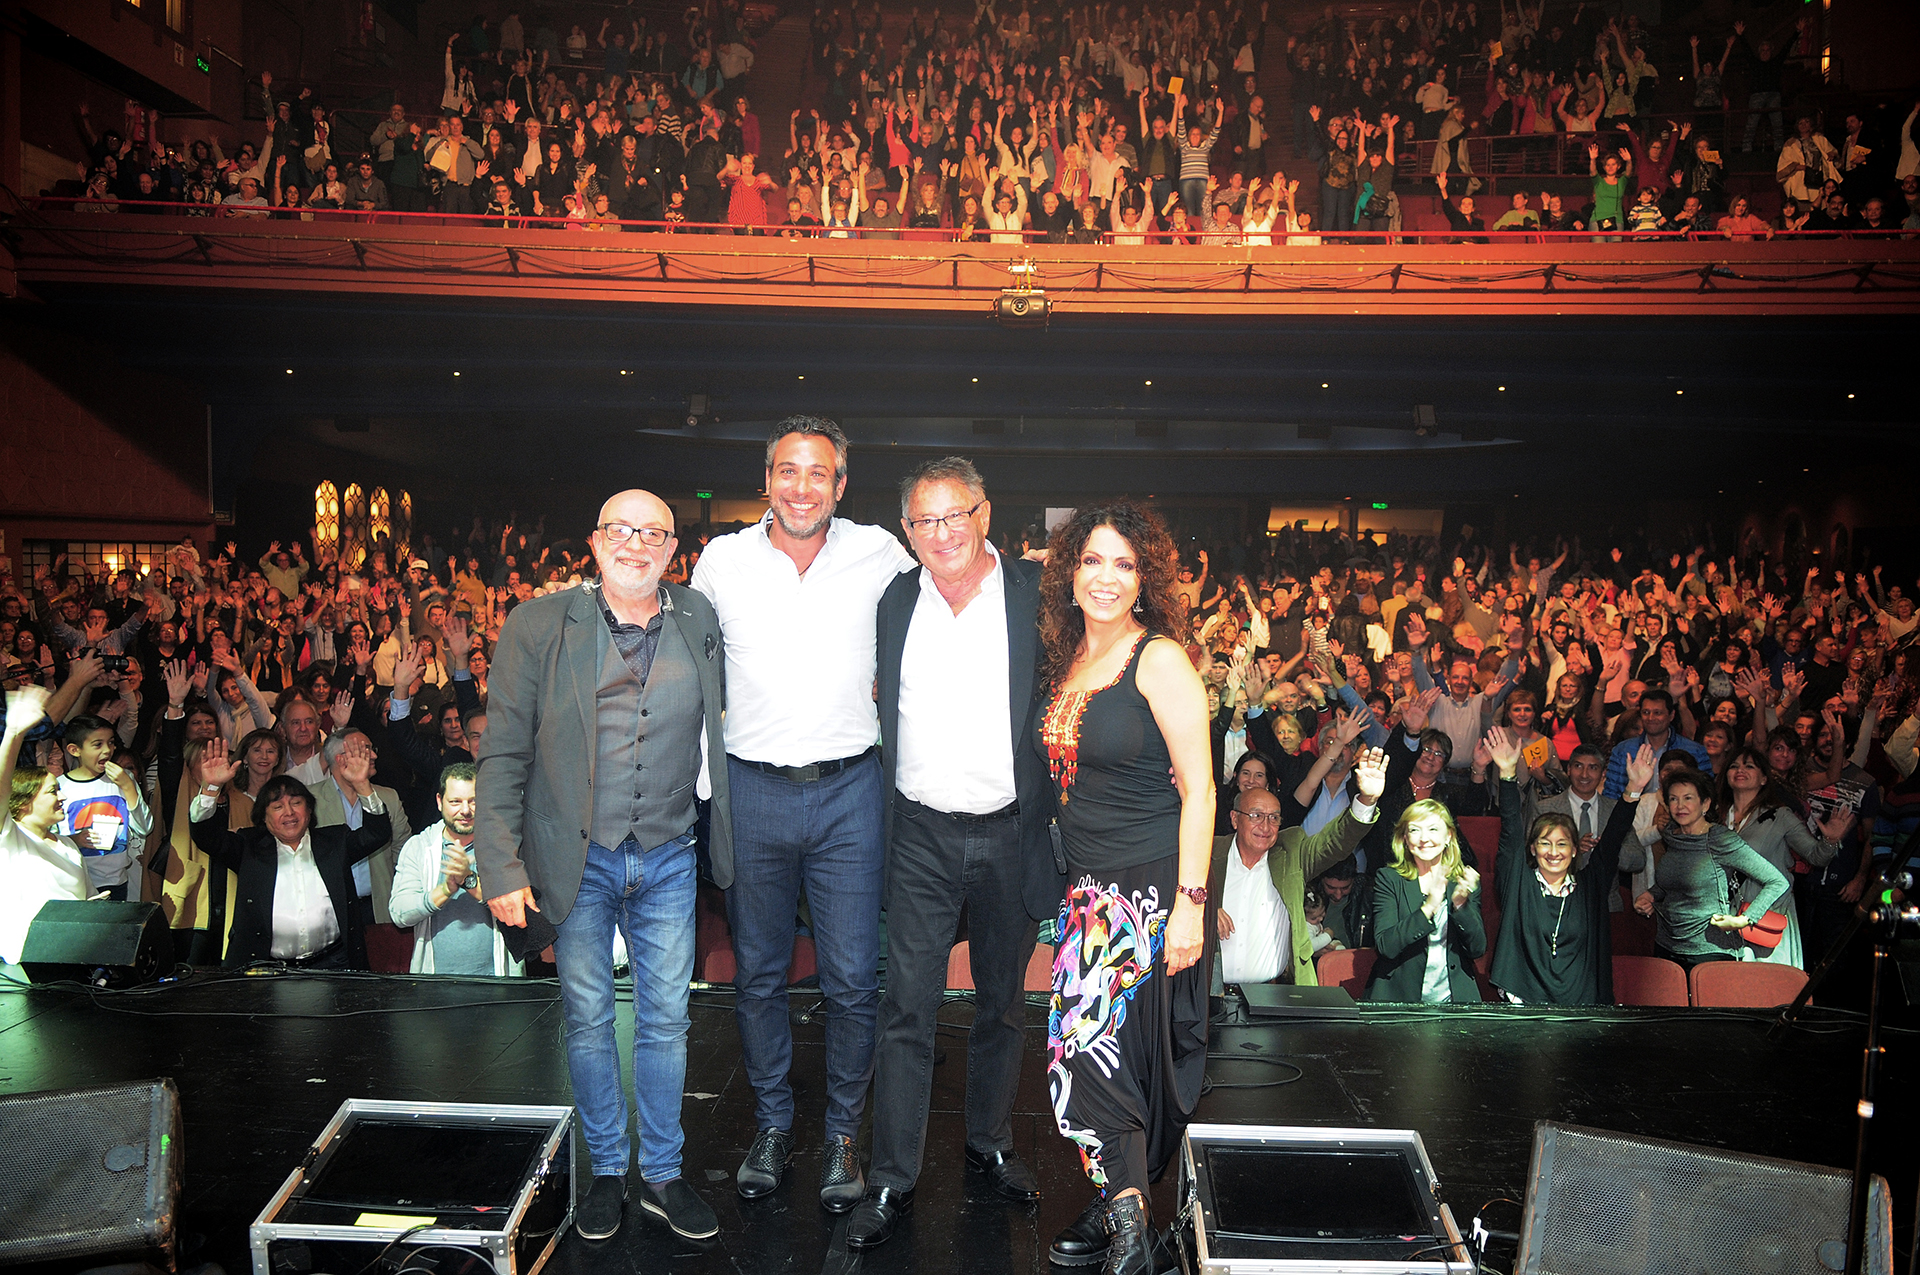 Patricia Sosa, Lito Vitale y Juan Carlos Baglietto se lucieron ante la multitud de asistentes